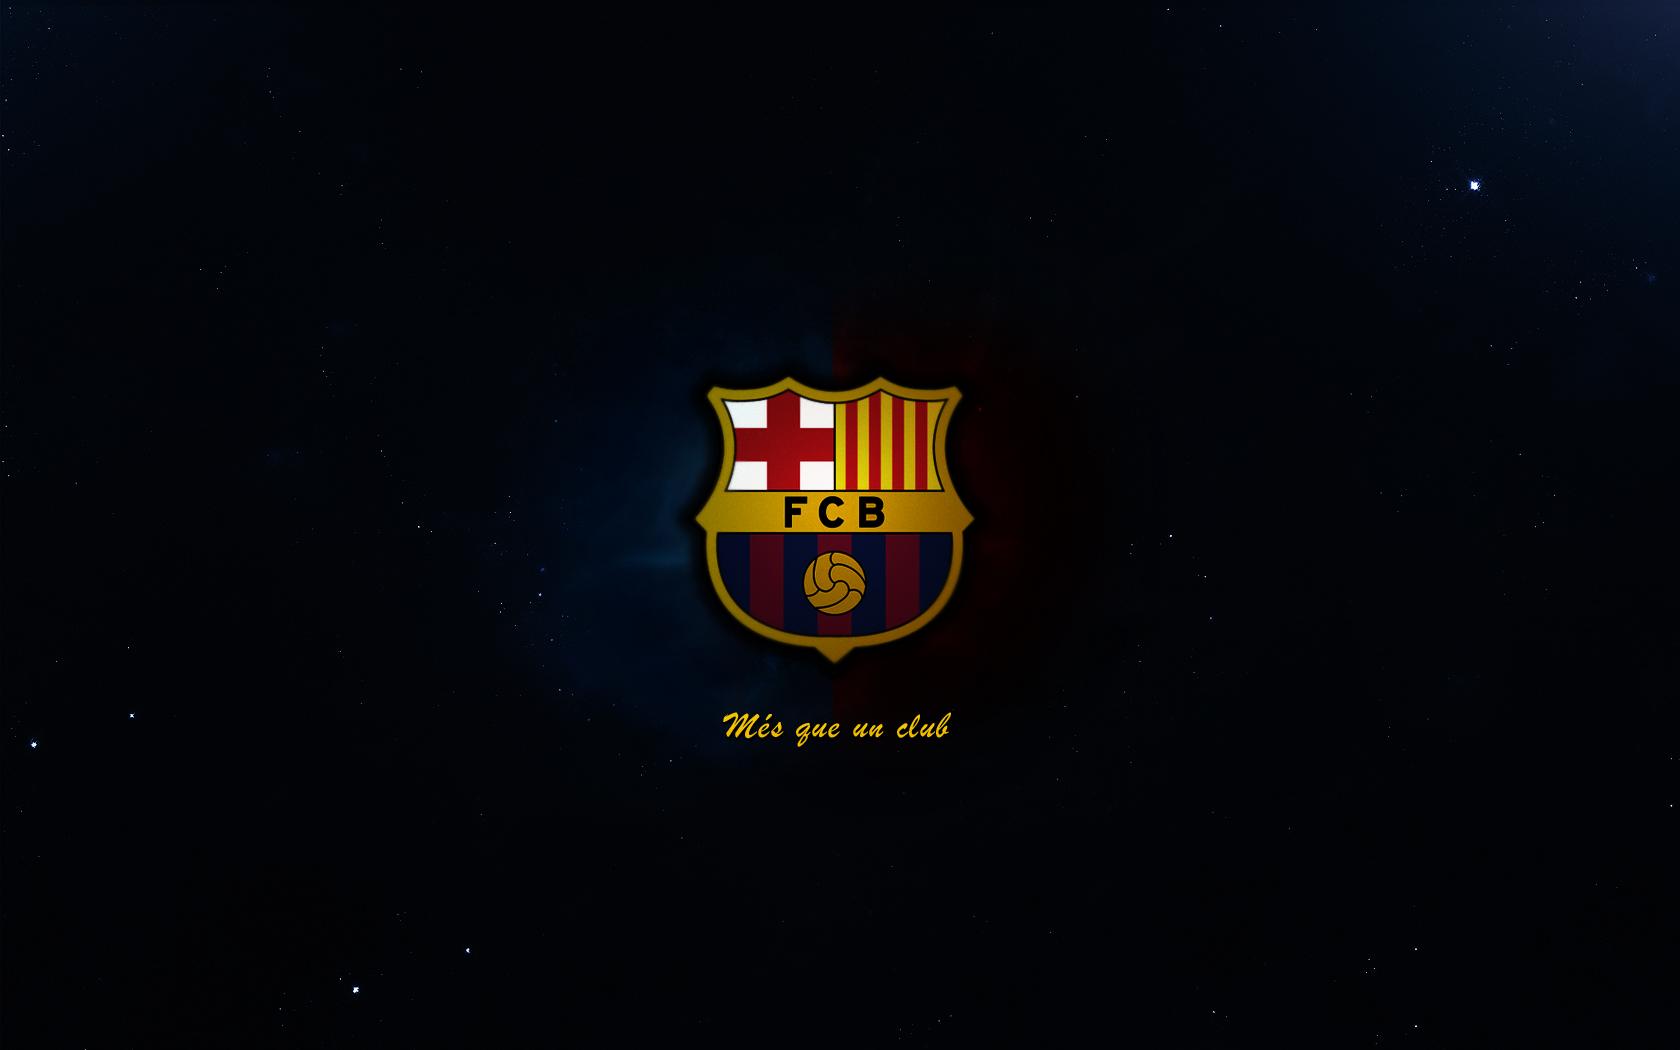 Wallpaper FC Barcelona [HD] Identi 1680x1050